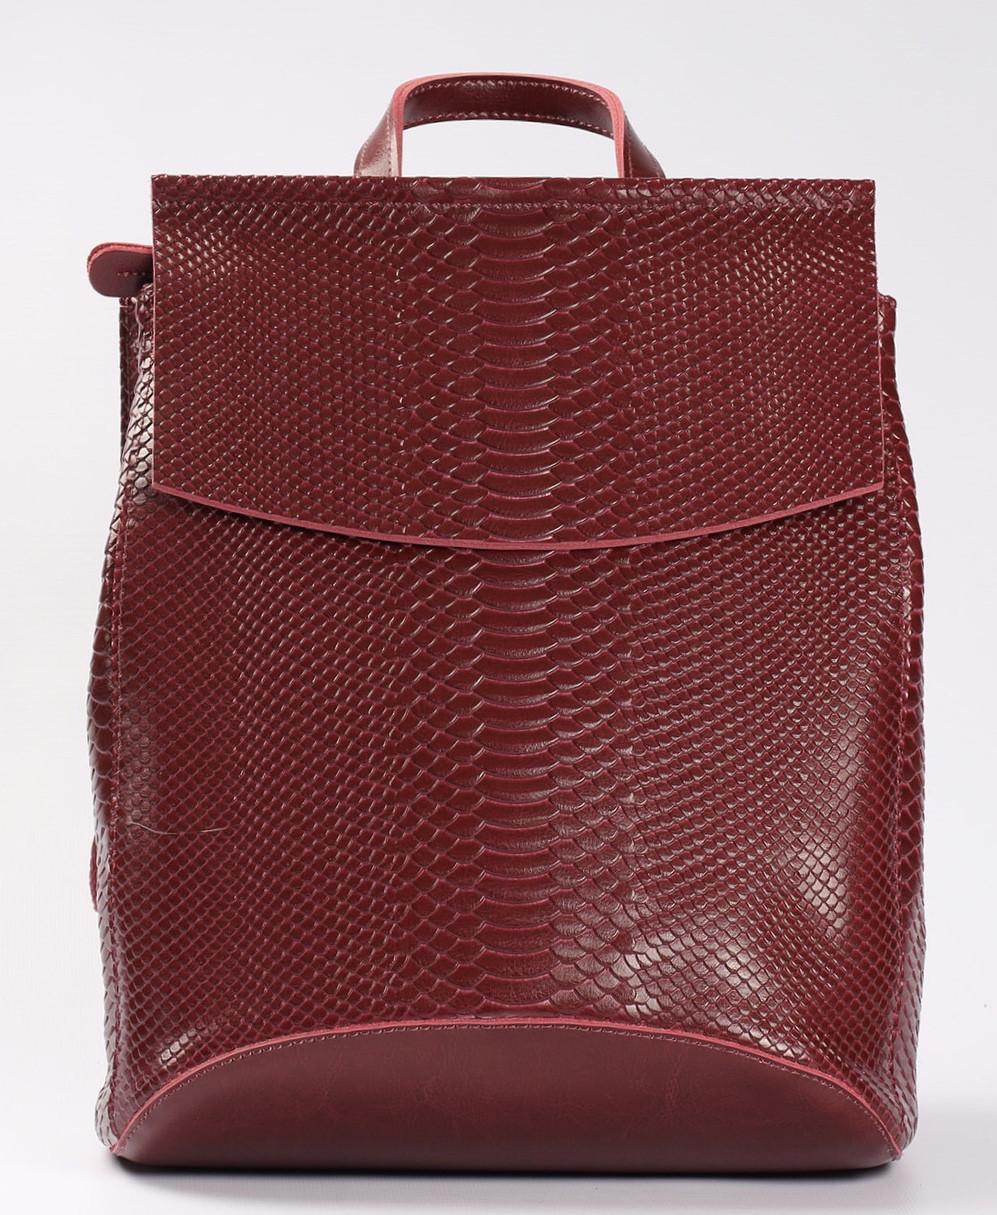 """Жіночий червоний рюкзак-сумка з натуральної шкіри з тисненням """" під зміїну шкіру Tiding Bag - 34376"""